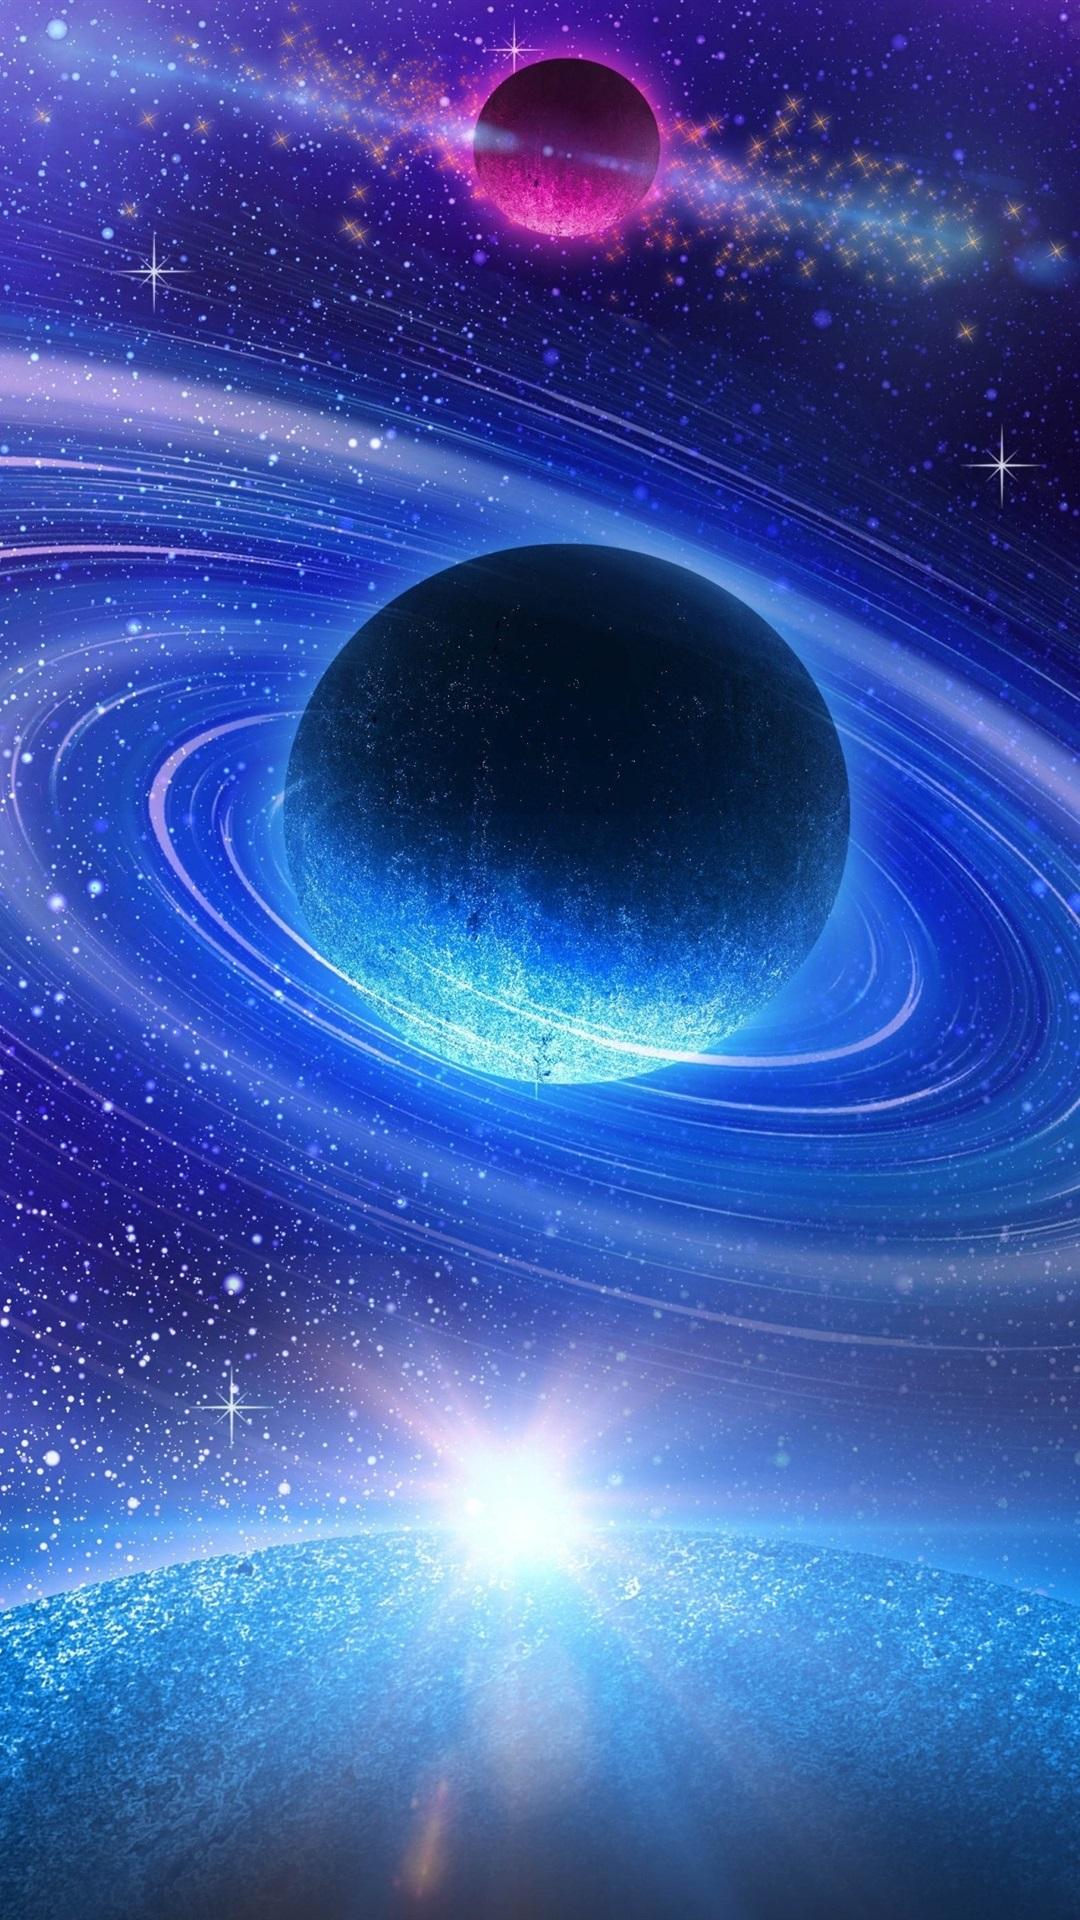 美しい宇宙 青い惑星 1080x1920 Iphone 8 7 6 6s Plus 壁紙 背景 画像